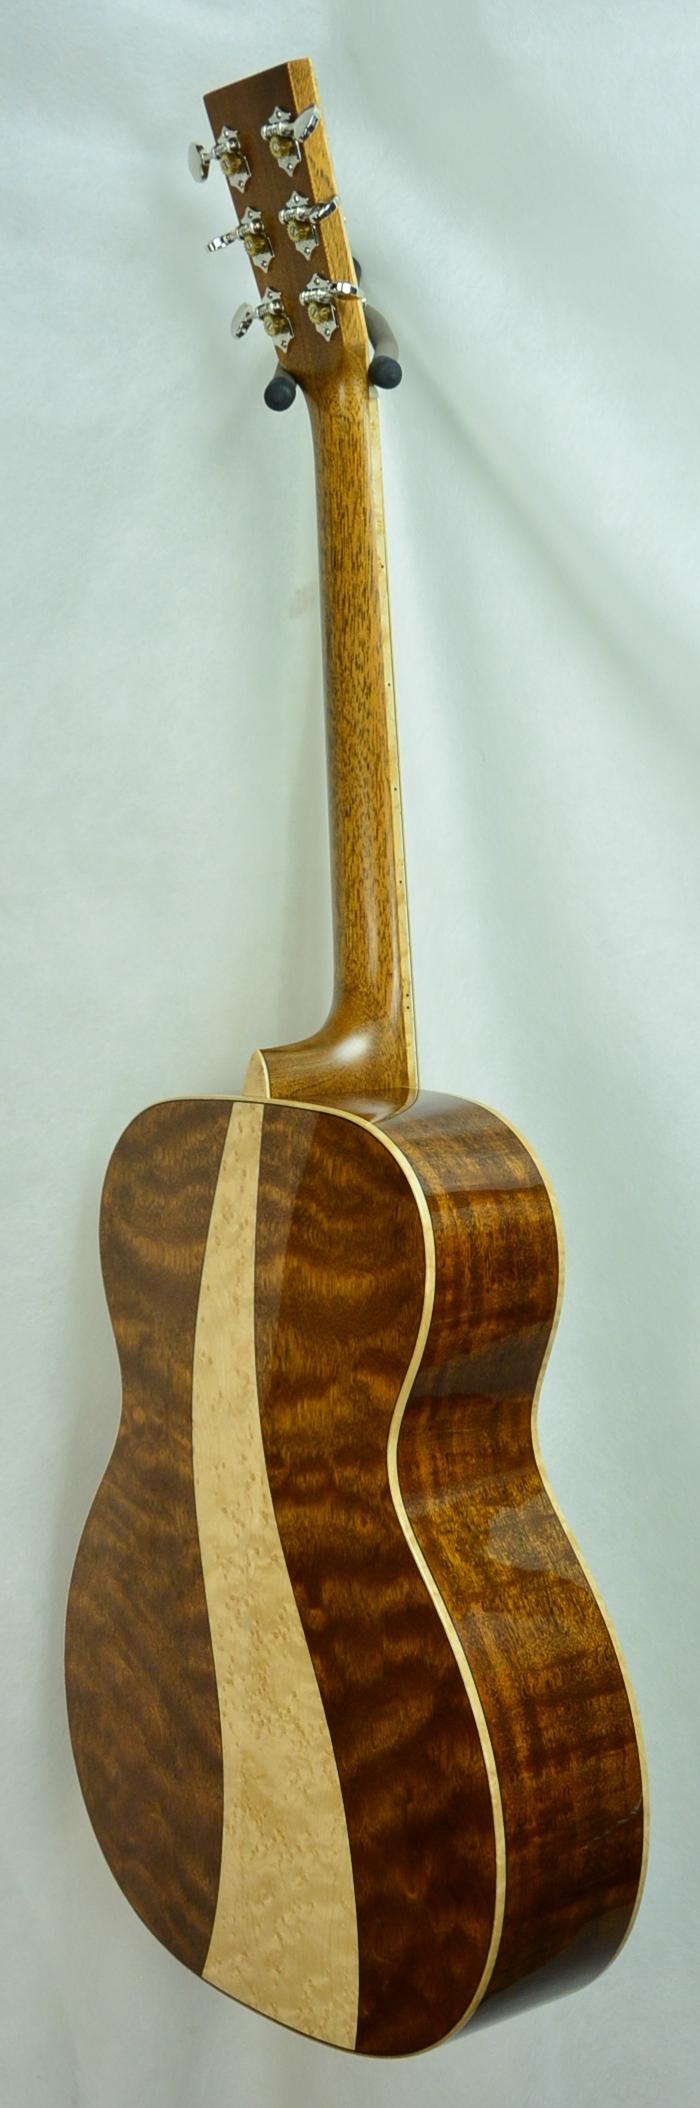 Q-2607924 S-1917329 OM Quilt Mah Adi -Organic Birdseye wedge (3).JPG